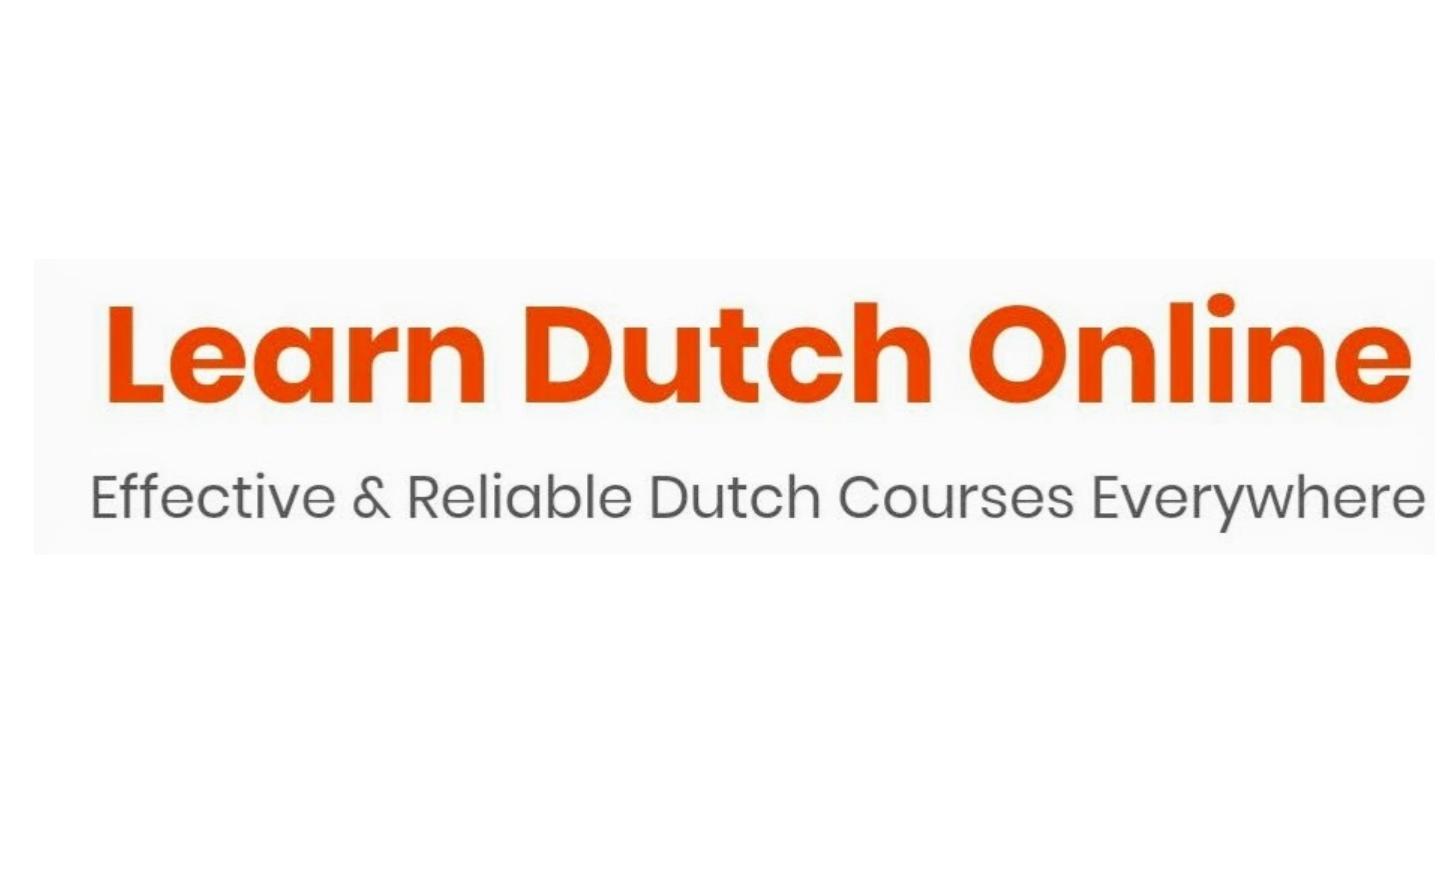 Learn Dutch Online